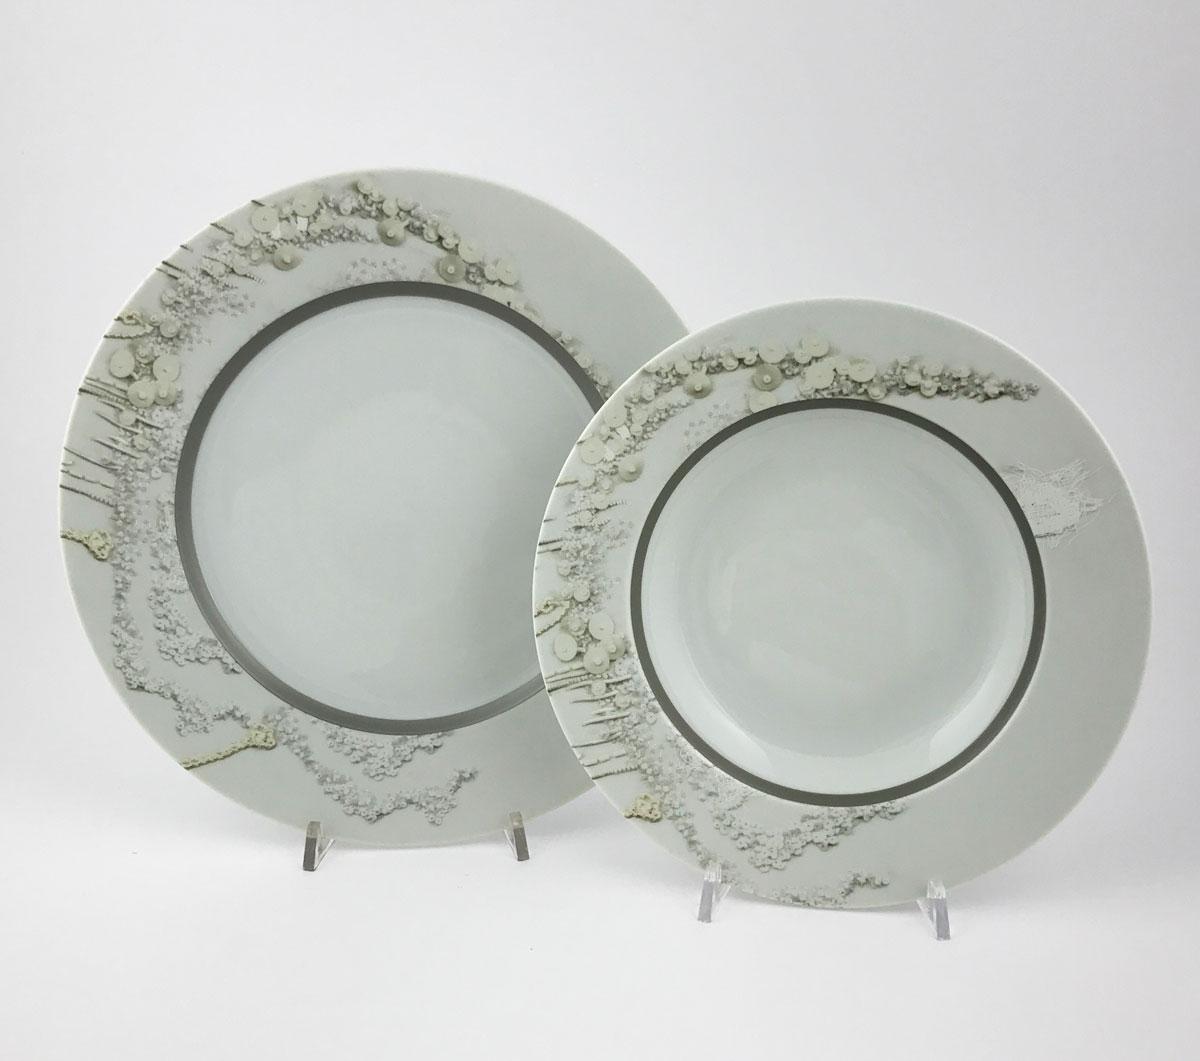 BITOSSI HOME ROSE Set di 6 piatti fondiOne set of 6 soup plates